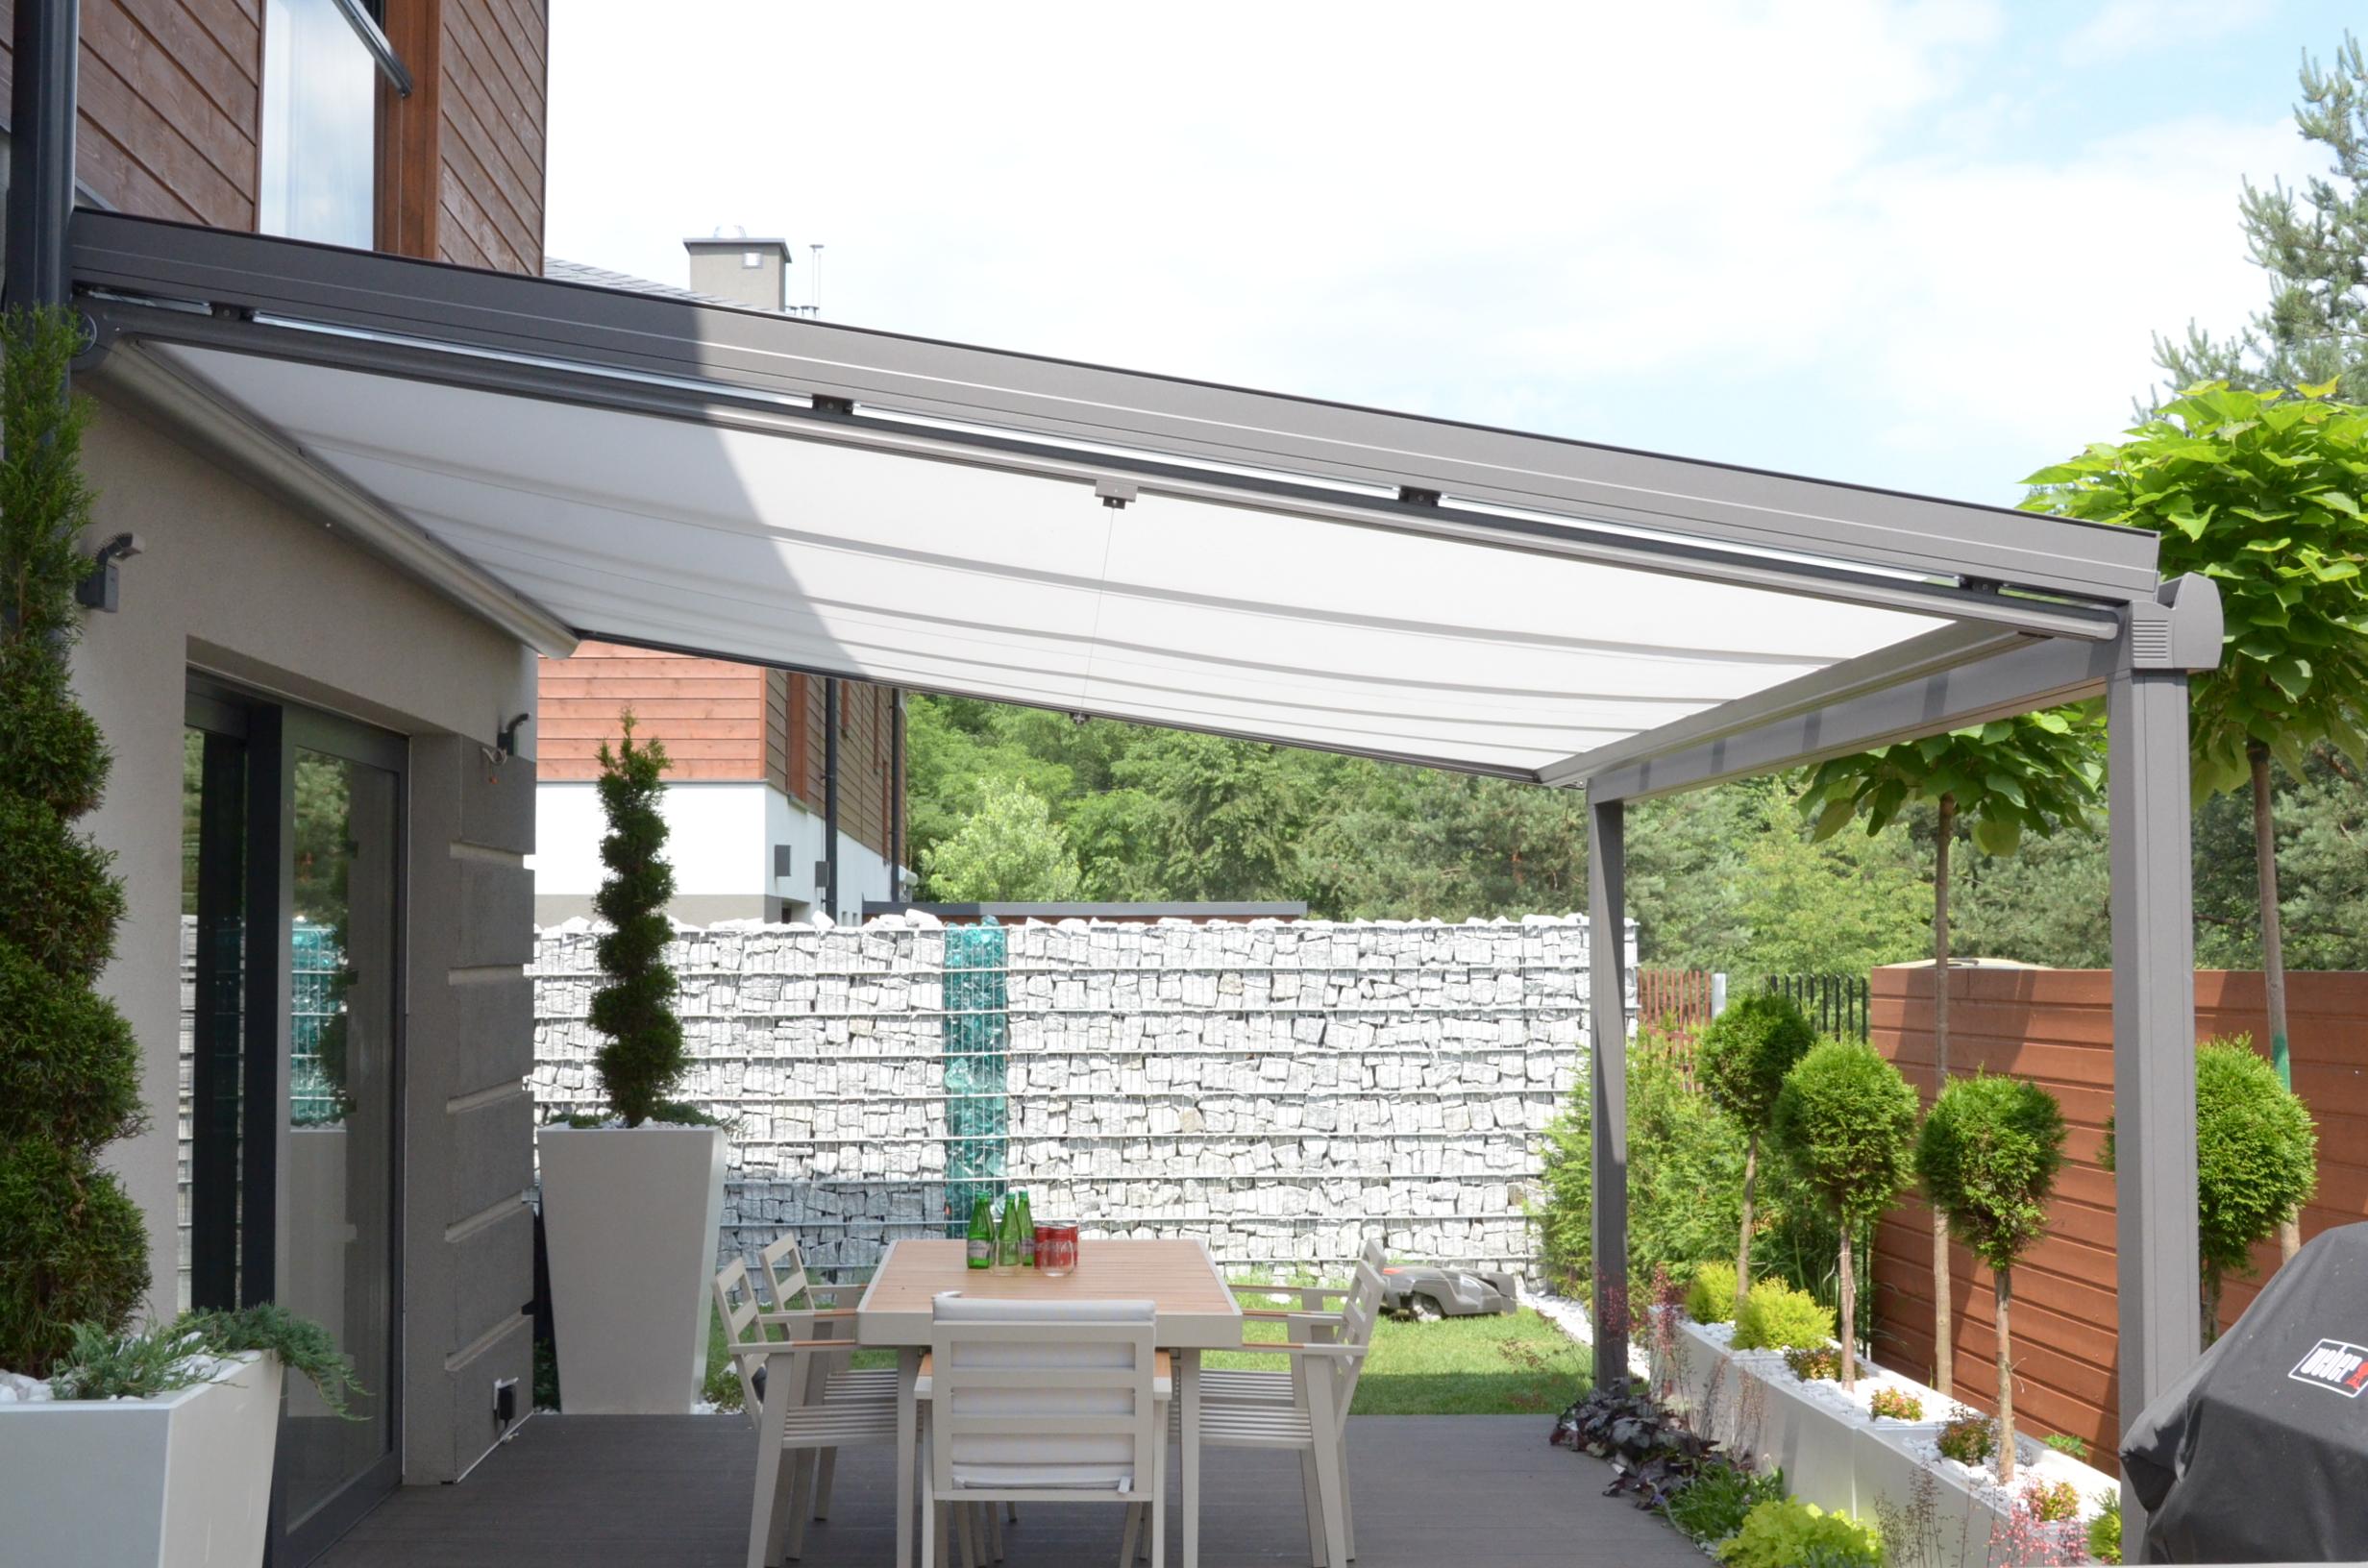 dach szklany z markizą